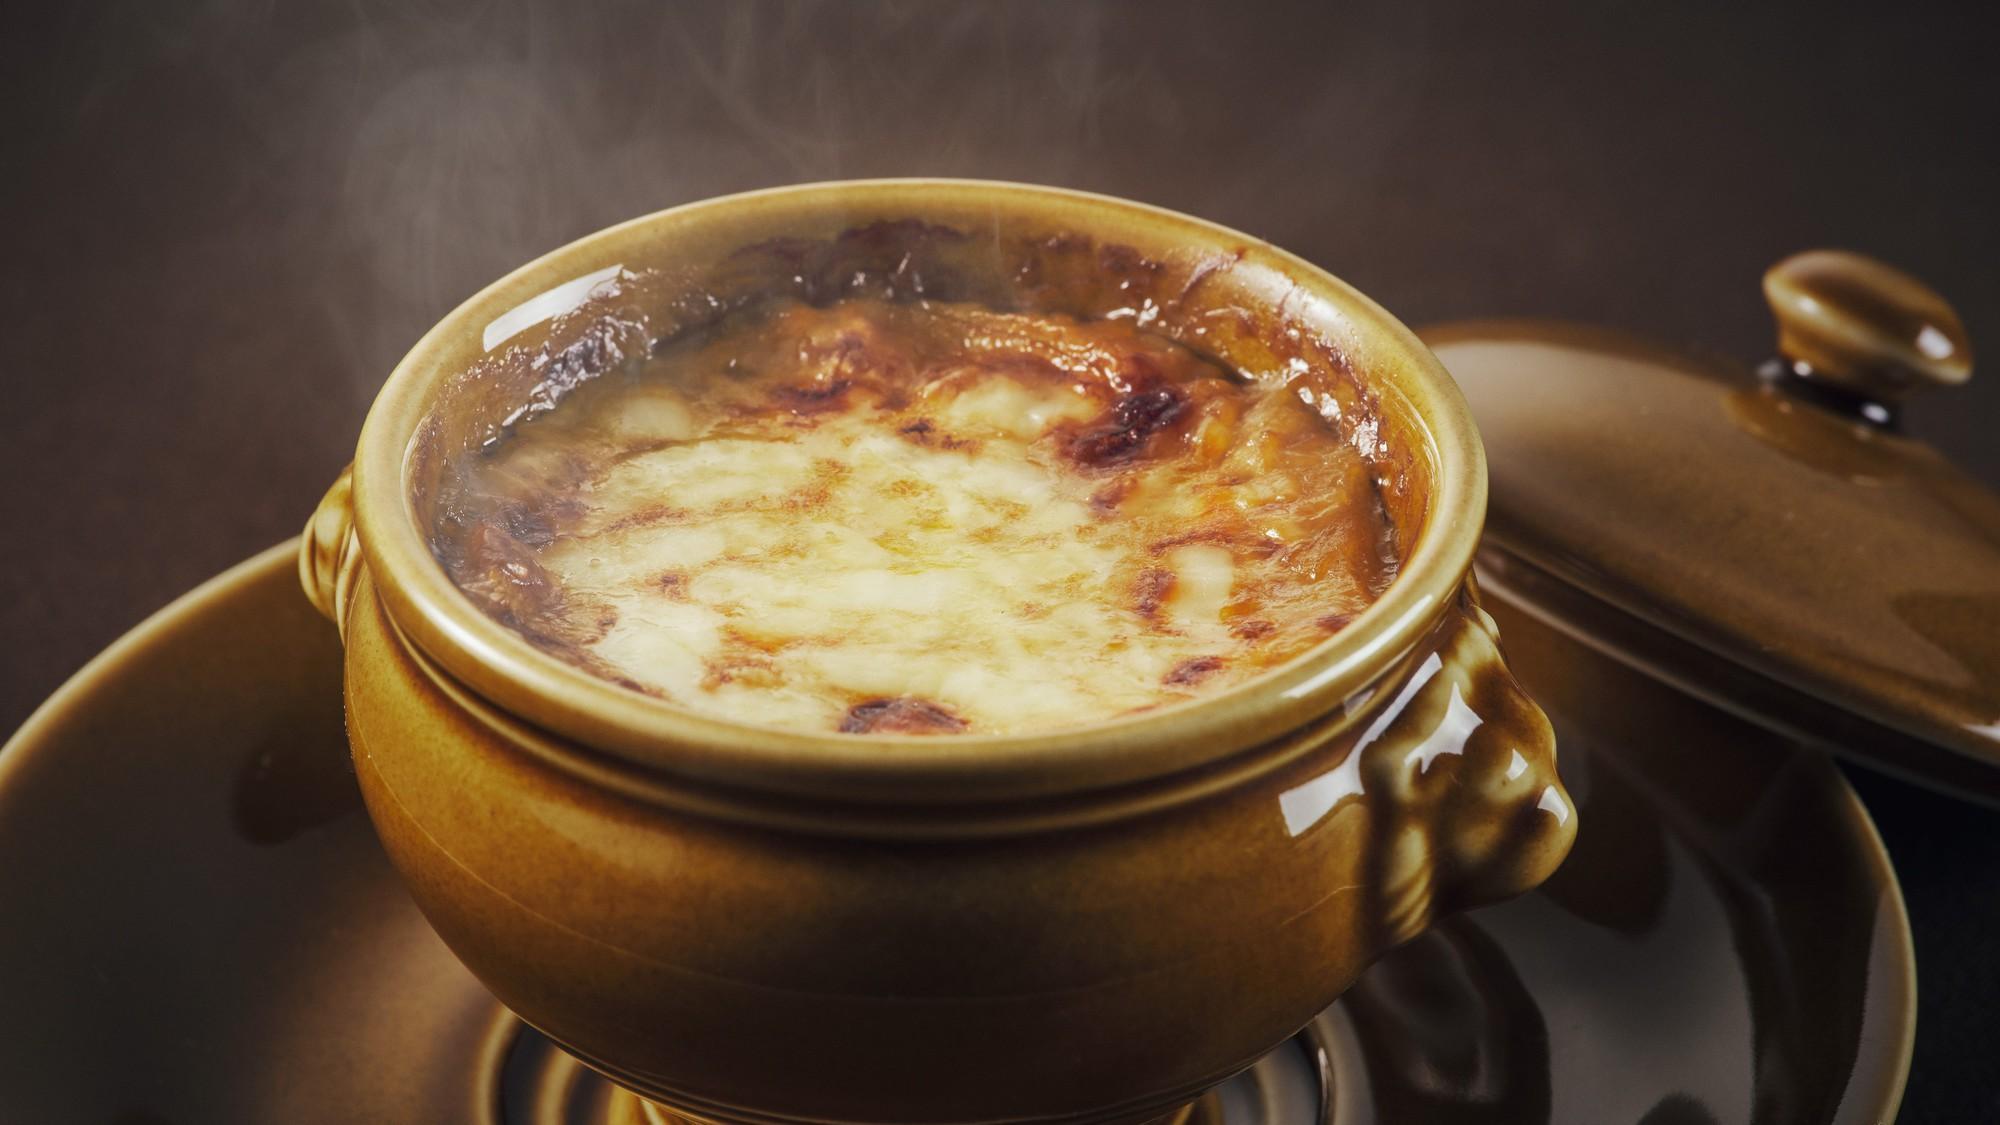 【ザ ダイニング】洋食のスペシャリテ 旨味の凝縮 オニオングラタンスープ